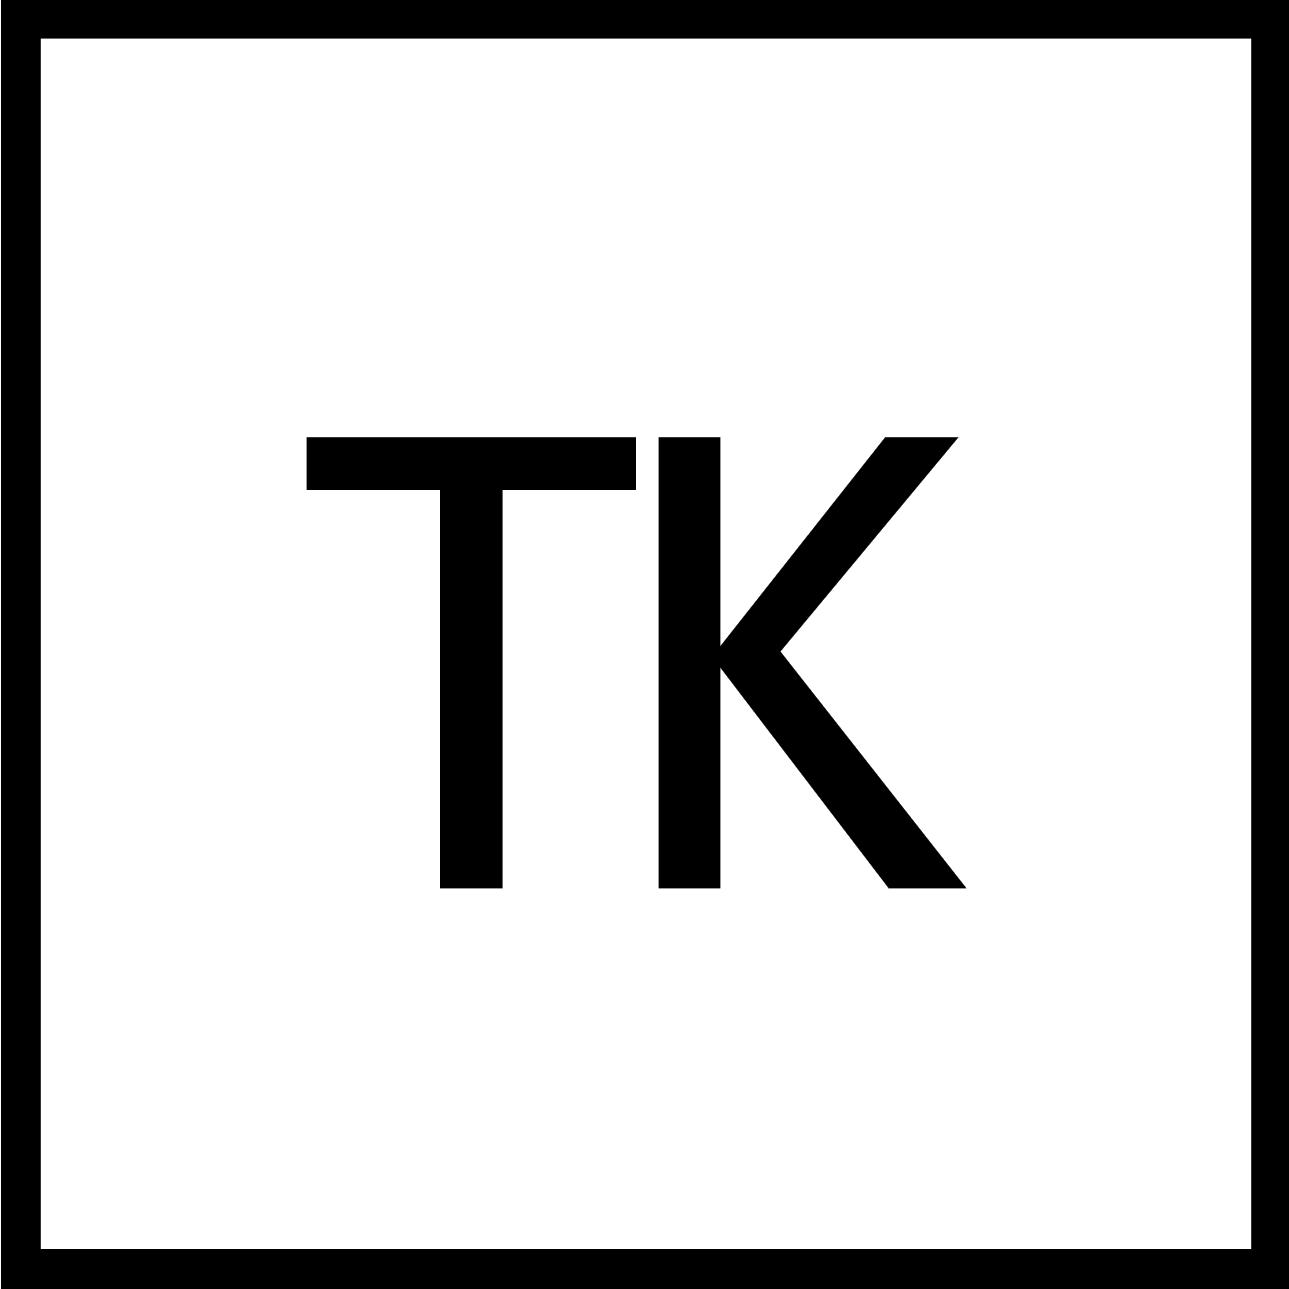 Thijs Koelink